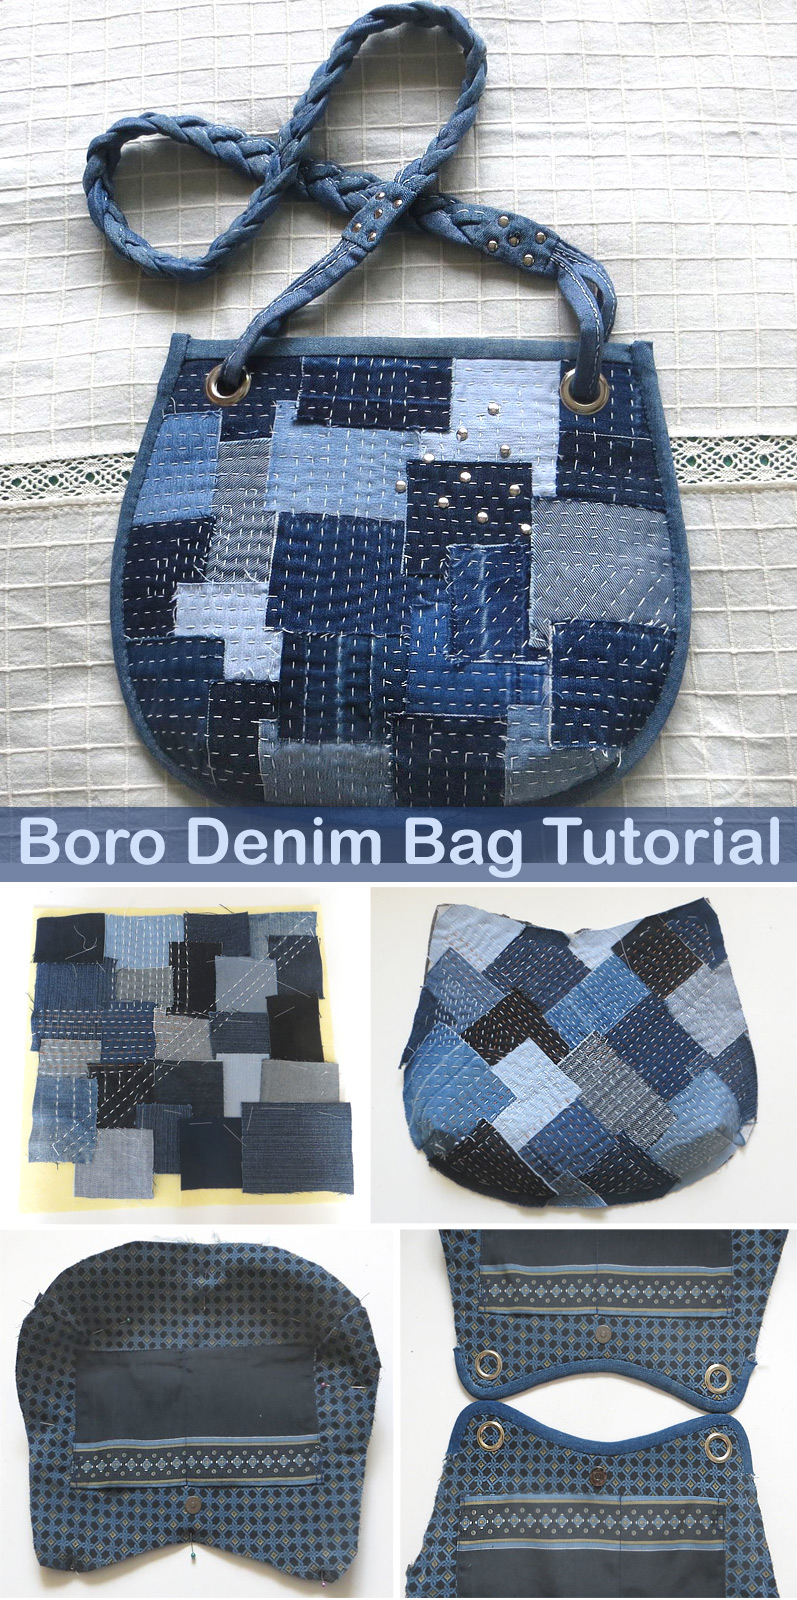 Boro Denim Bag Tutorial